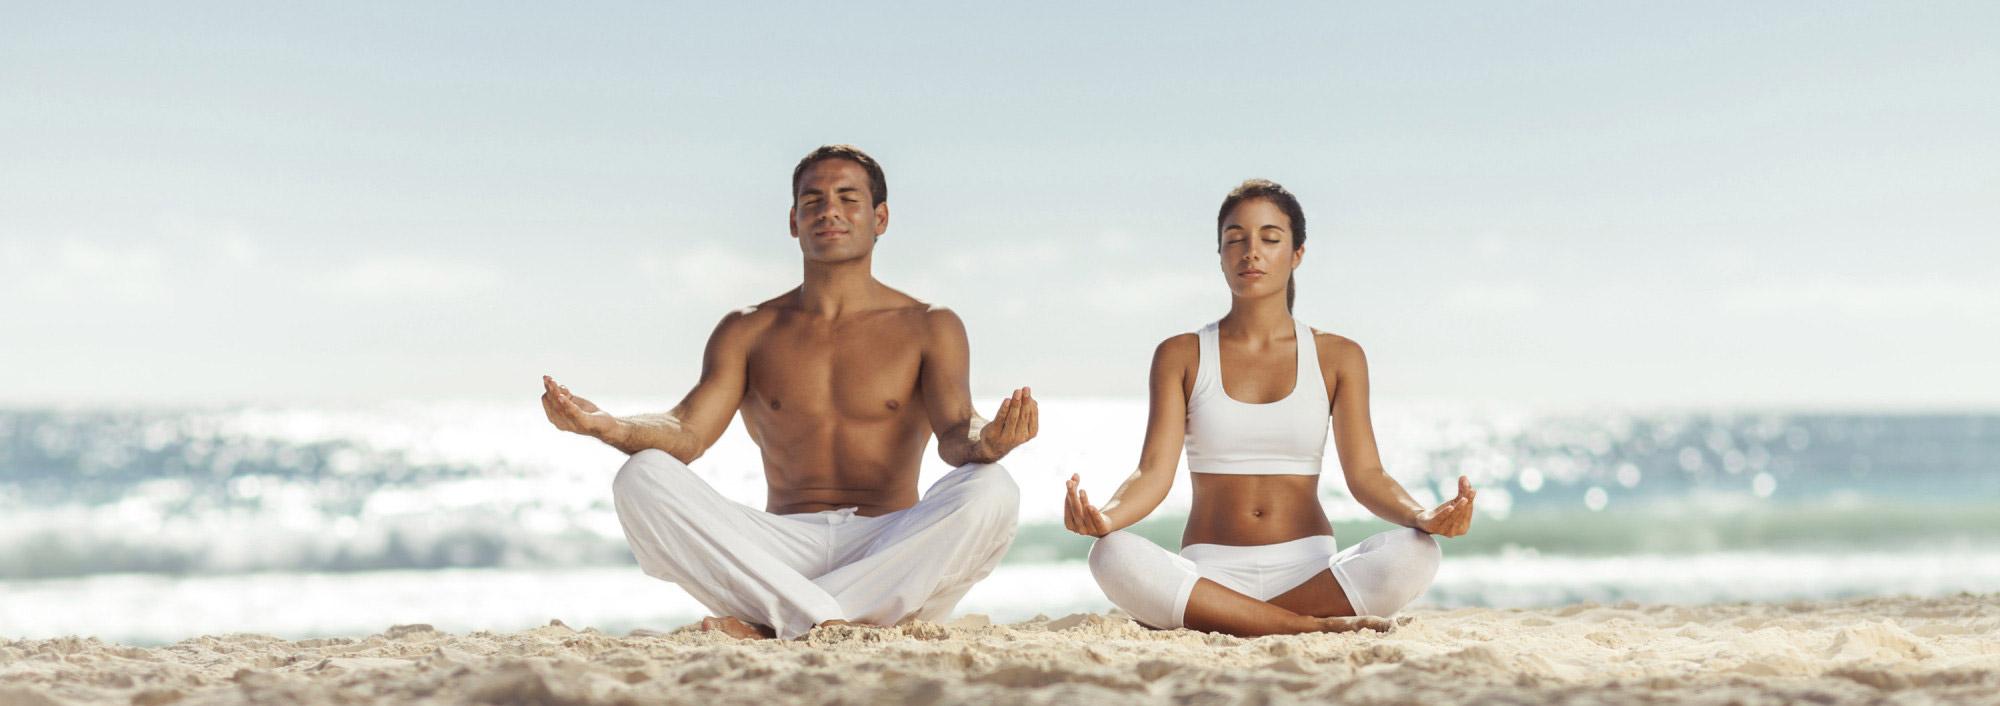 Glamourland yoga